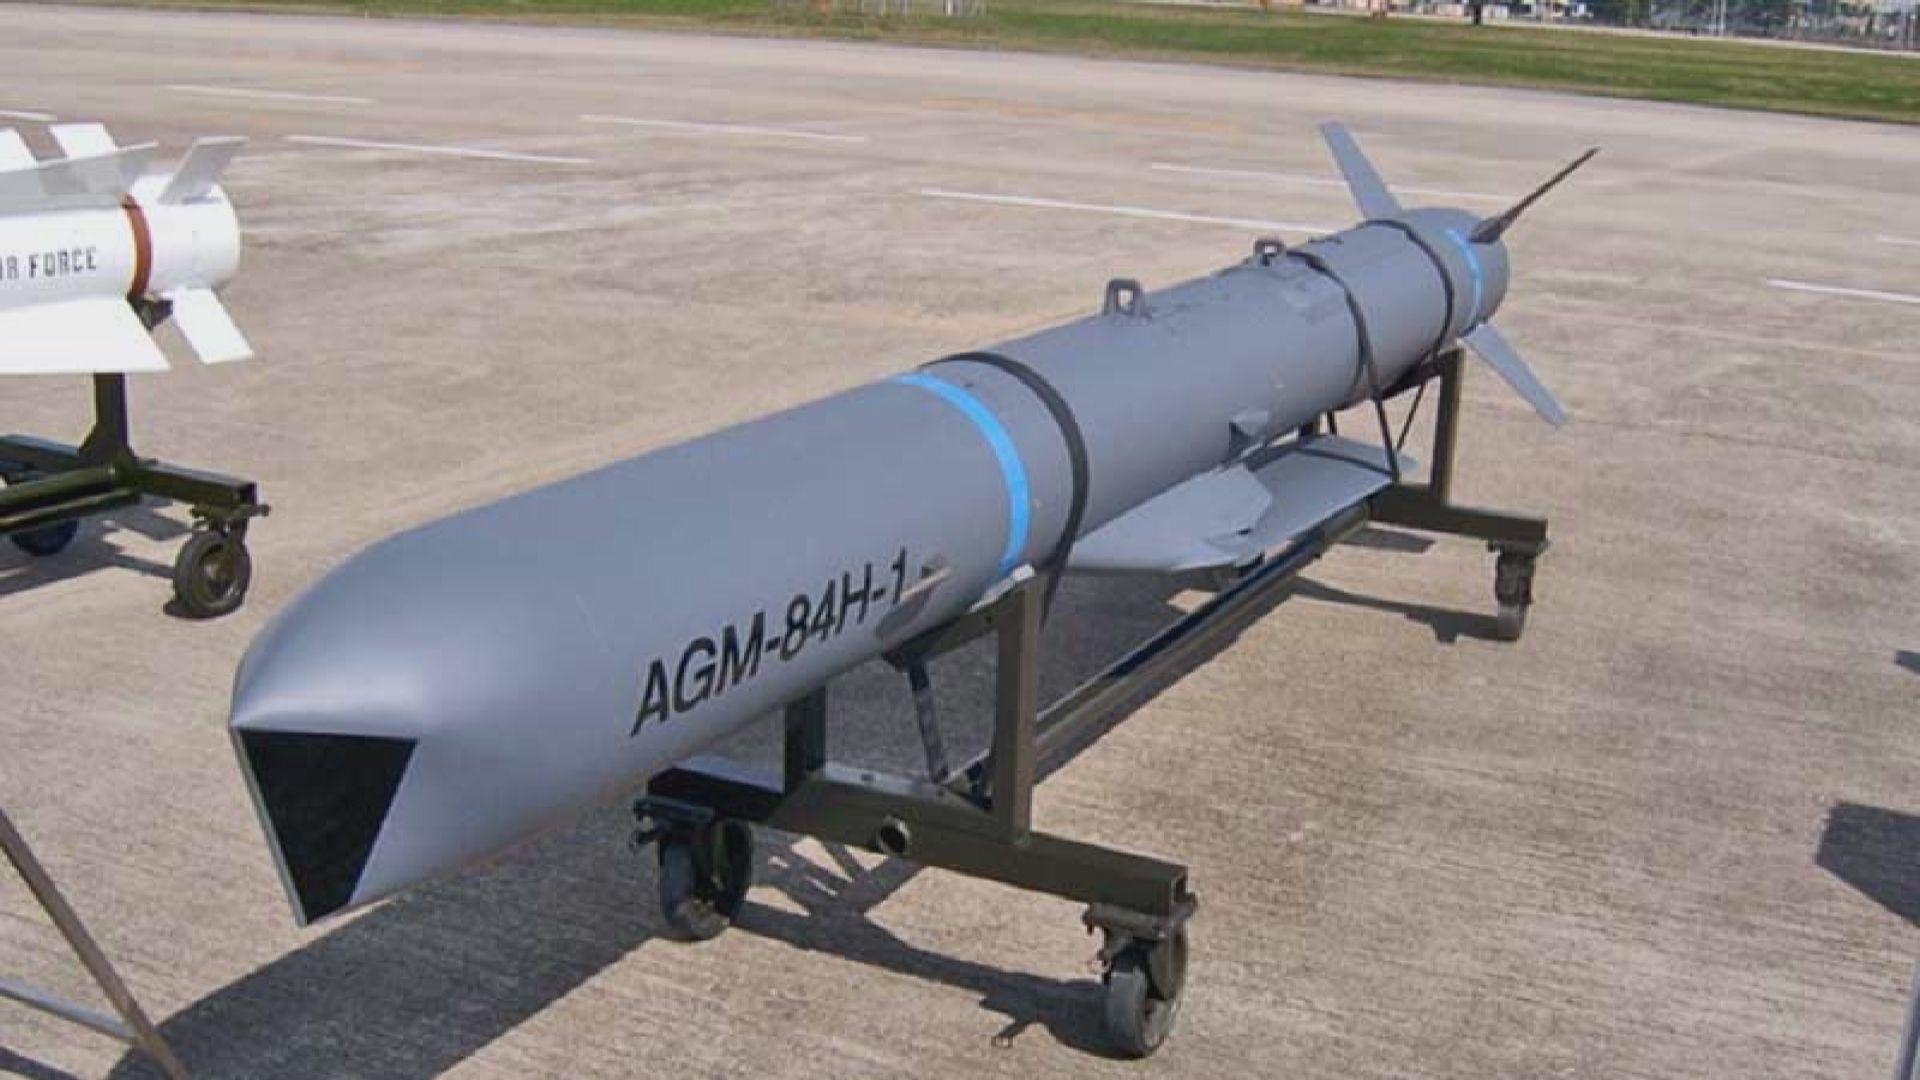 美再批准三項對台出售軍備案 中方:按形勢作必要回應